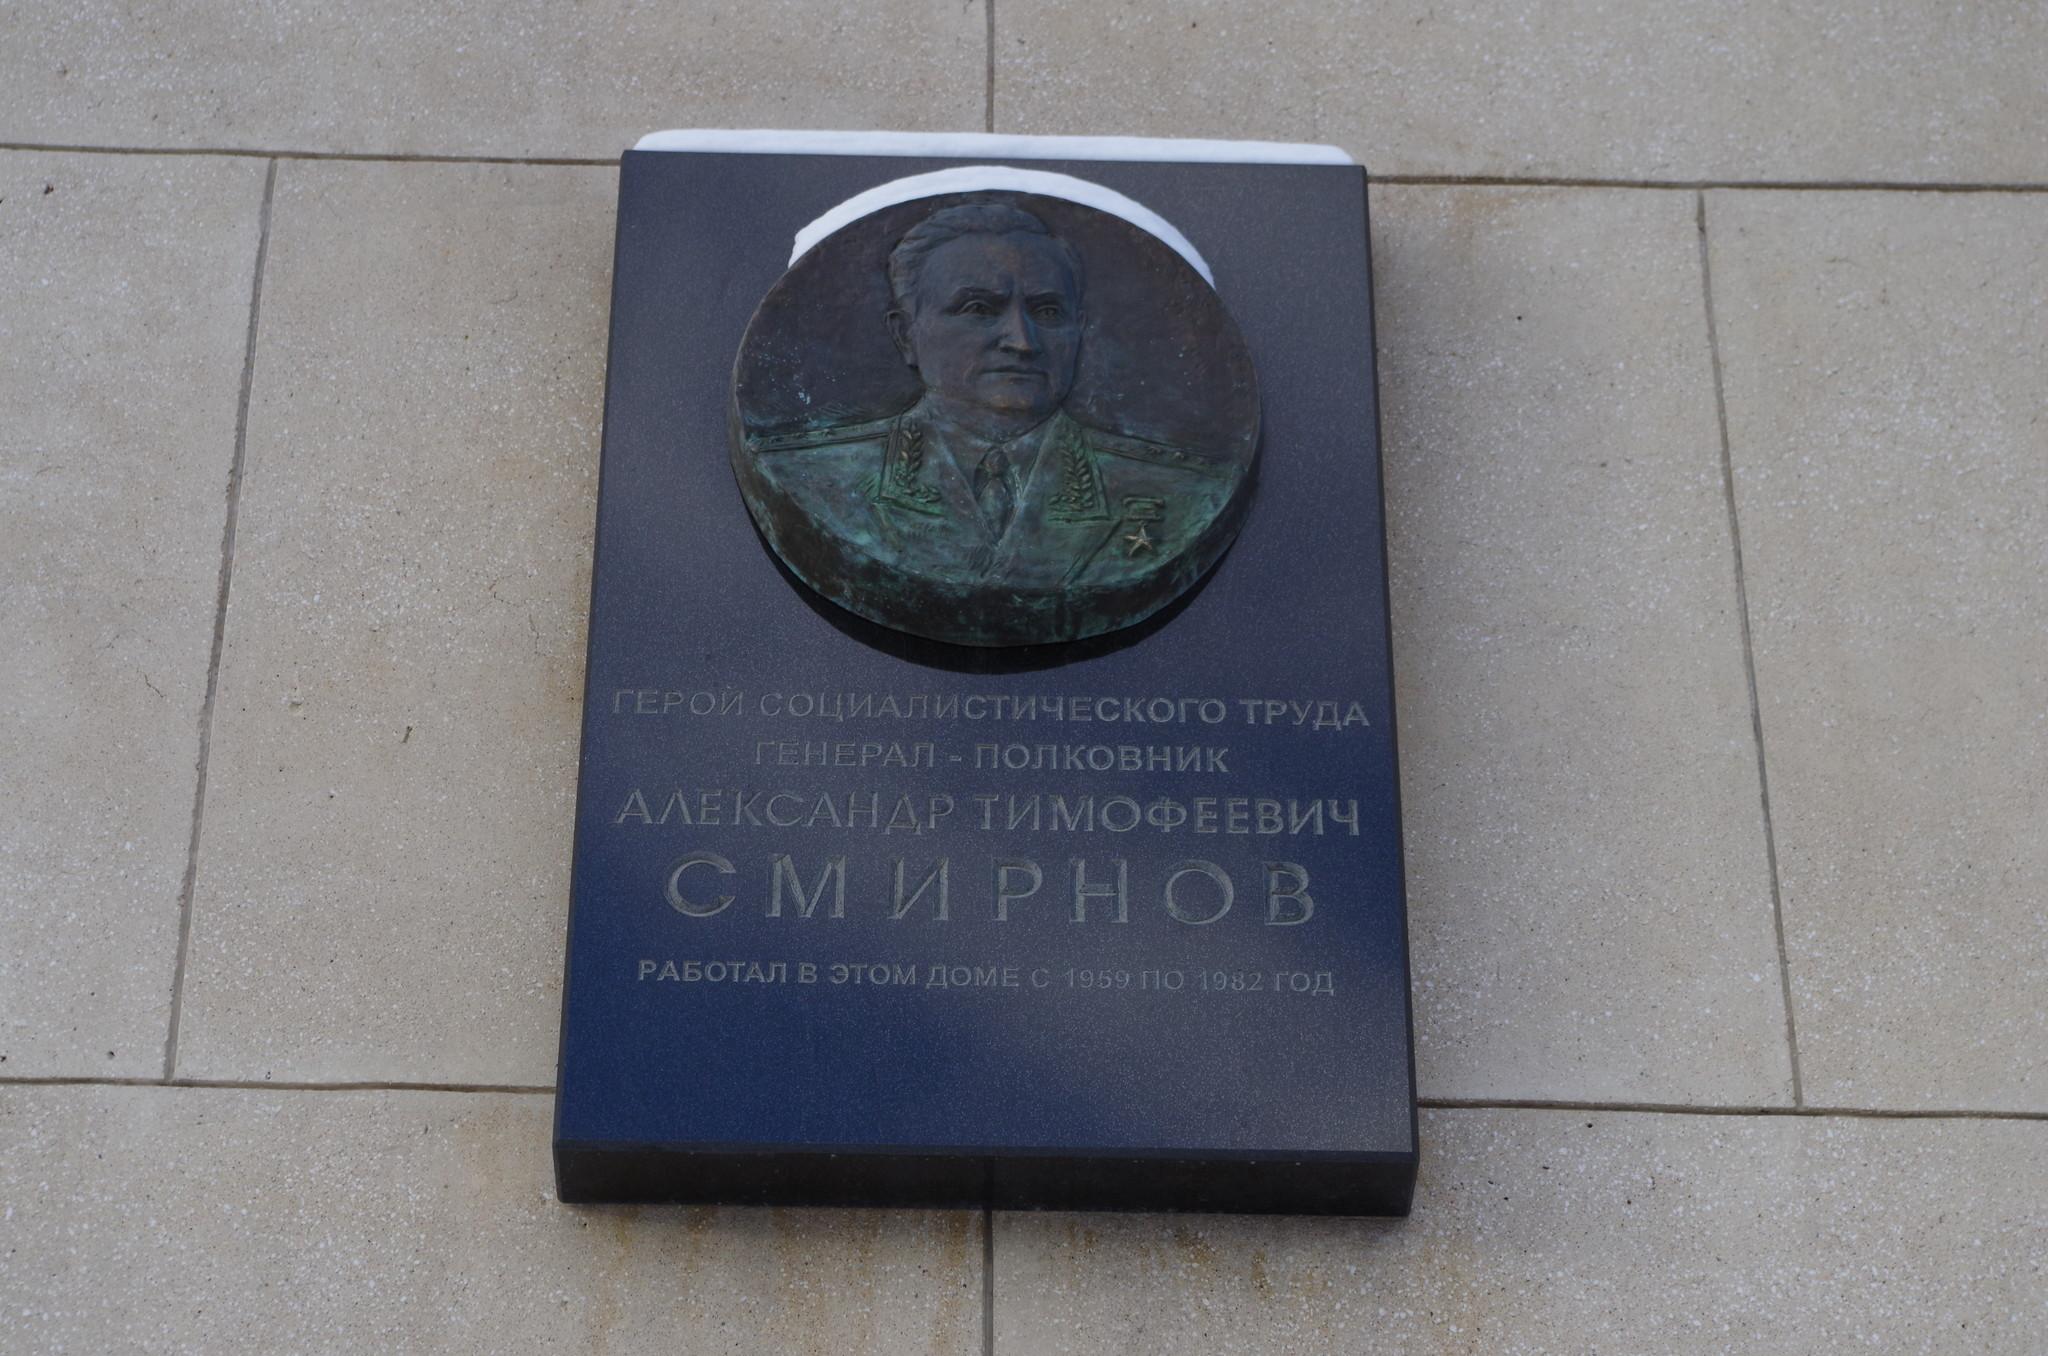 Мемориальная доска на здании (Фрунзенская набережная, дом 22, строение 2), в котором с 1959 по 1982 год работал советский военачальник Александр Тимофеевич Смирнов